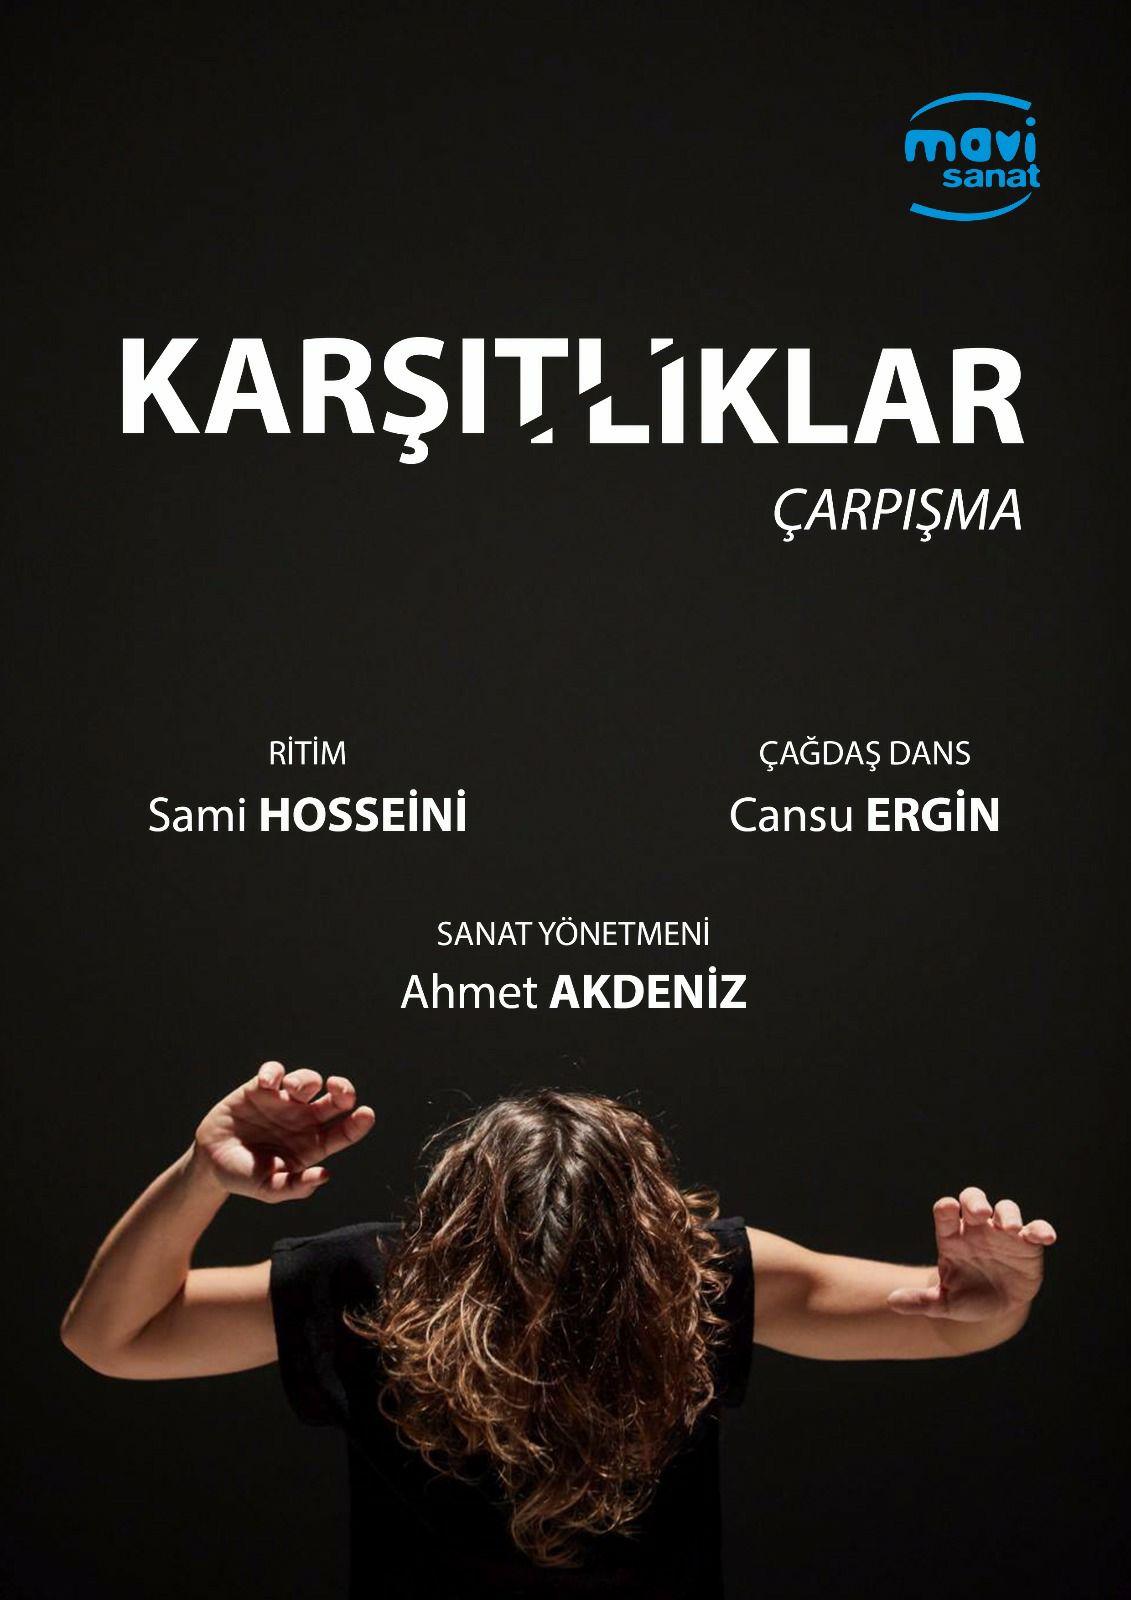 Cansu Ergin